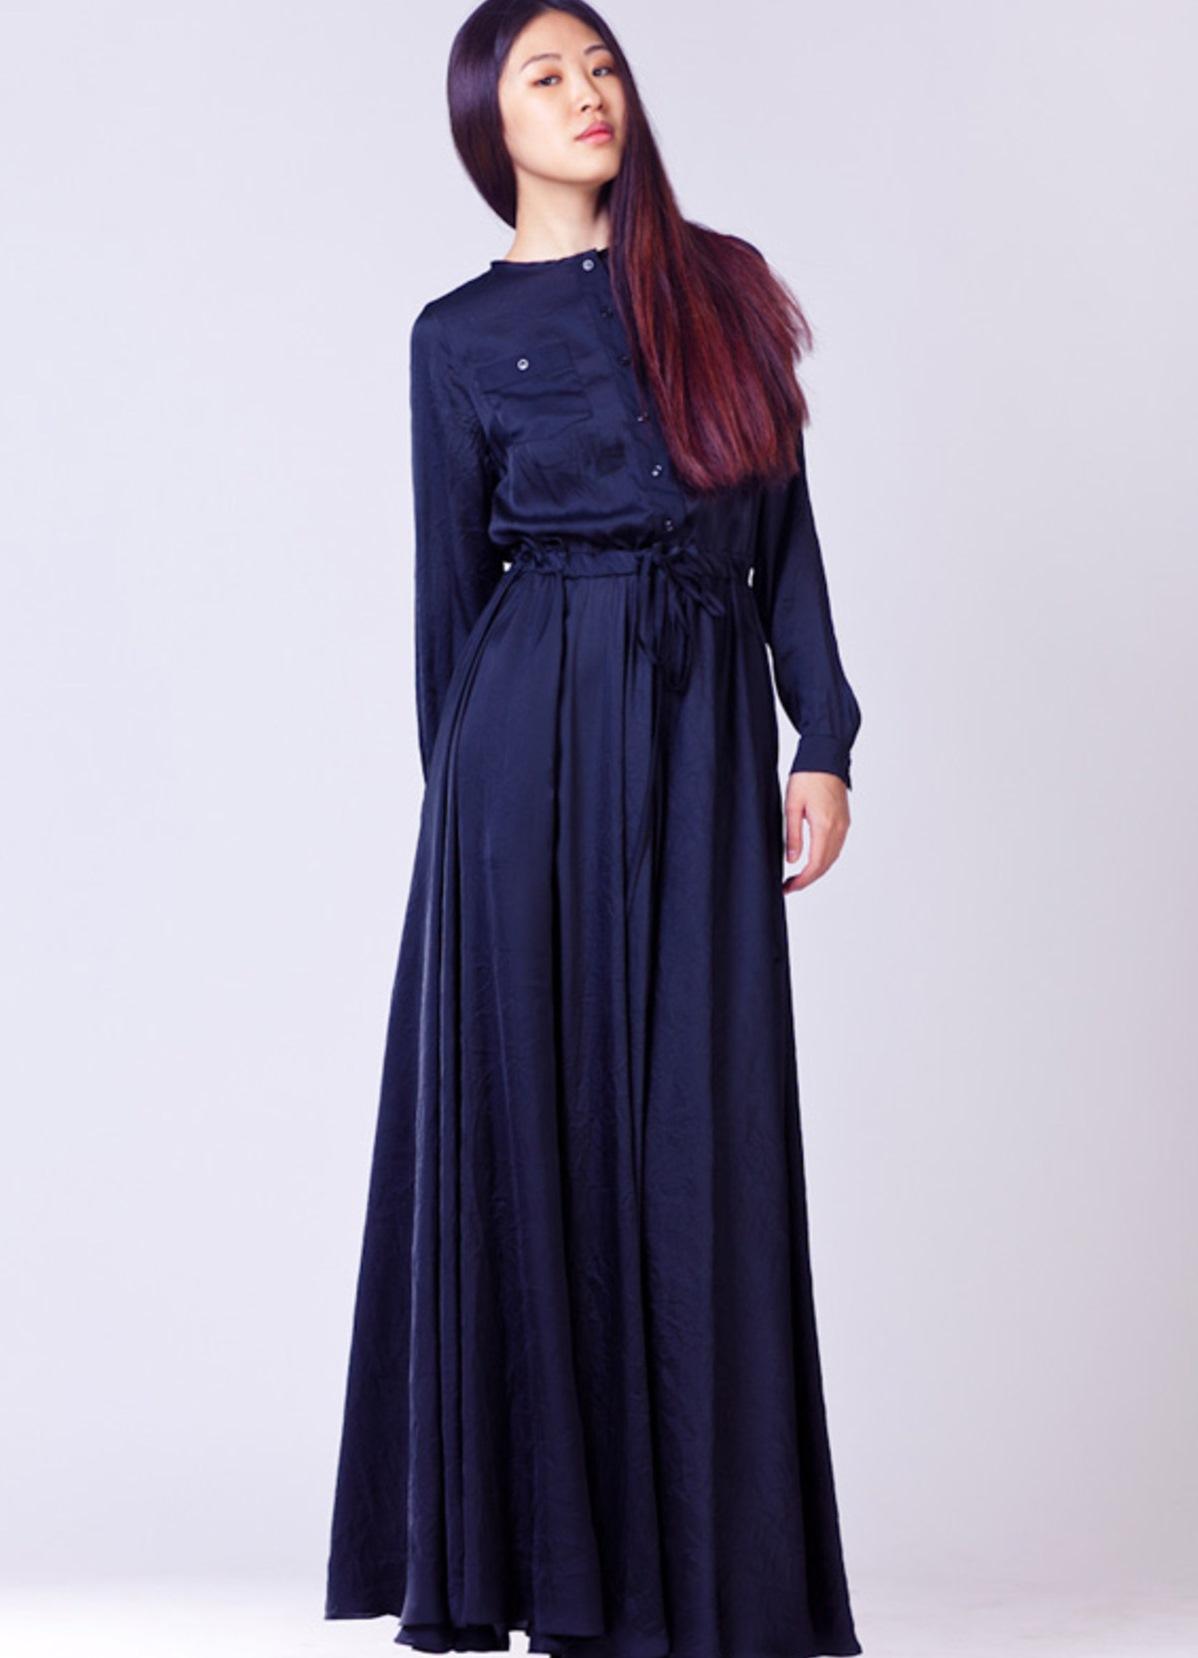 Модные платья на выпускной 2015 - фото-путеводитель по модным трендам